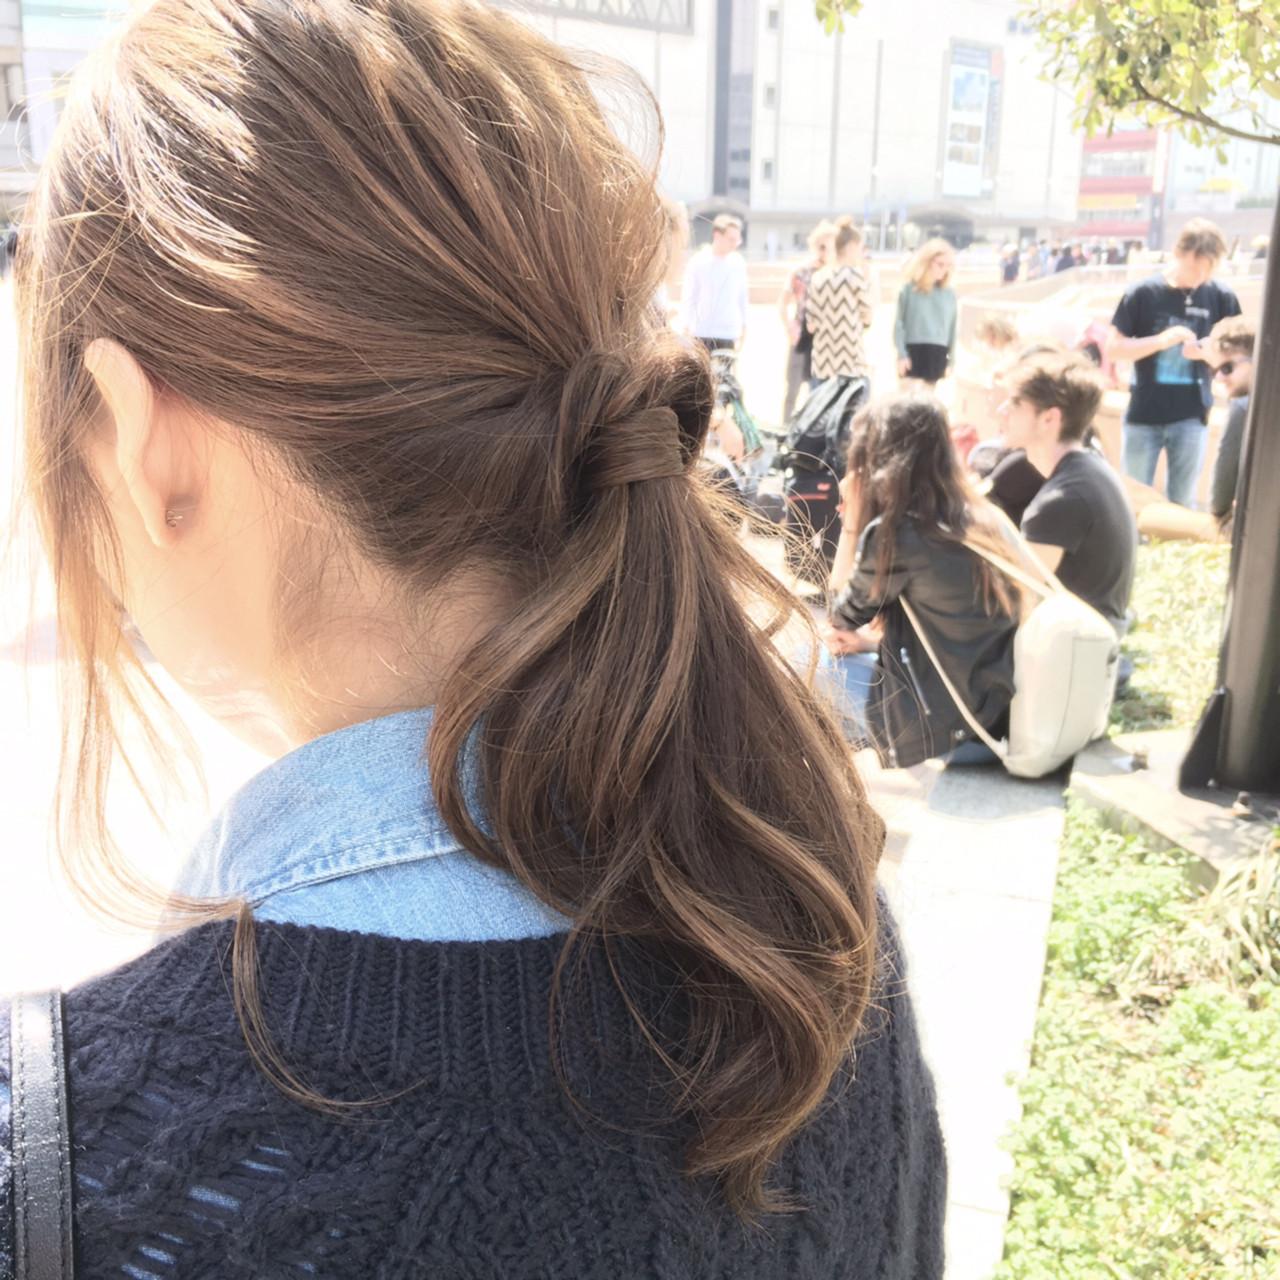 ヘアアレンジ 簡単ヘアアレンジ ポニーテール ミディアム ヘアスタイルや髪型の写真・画像